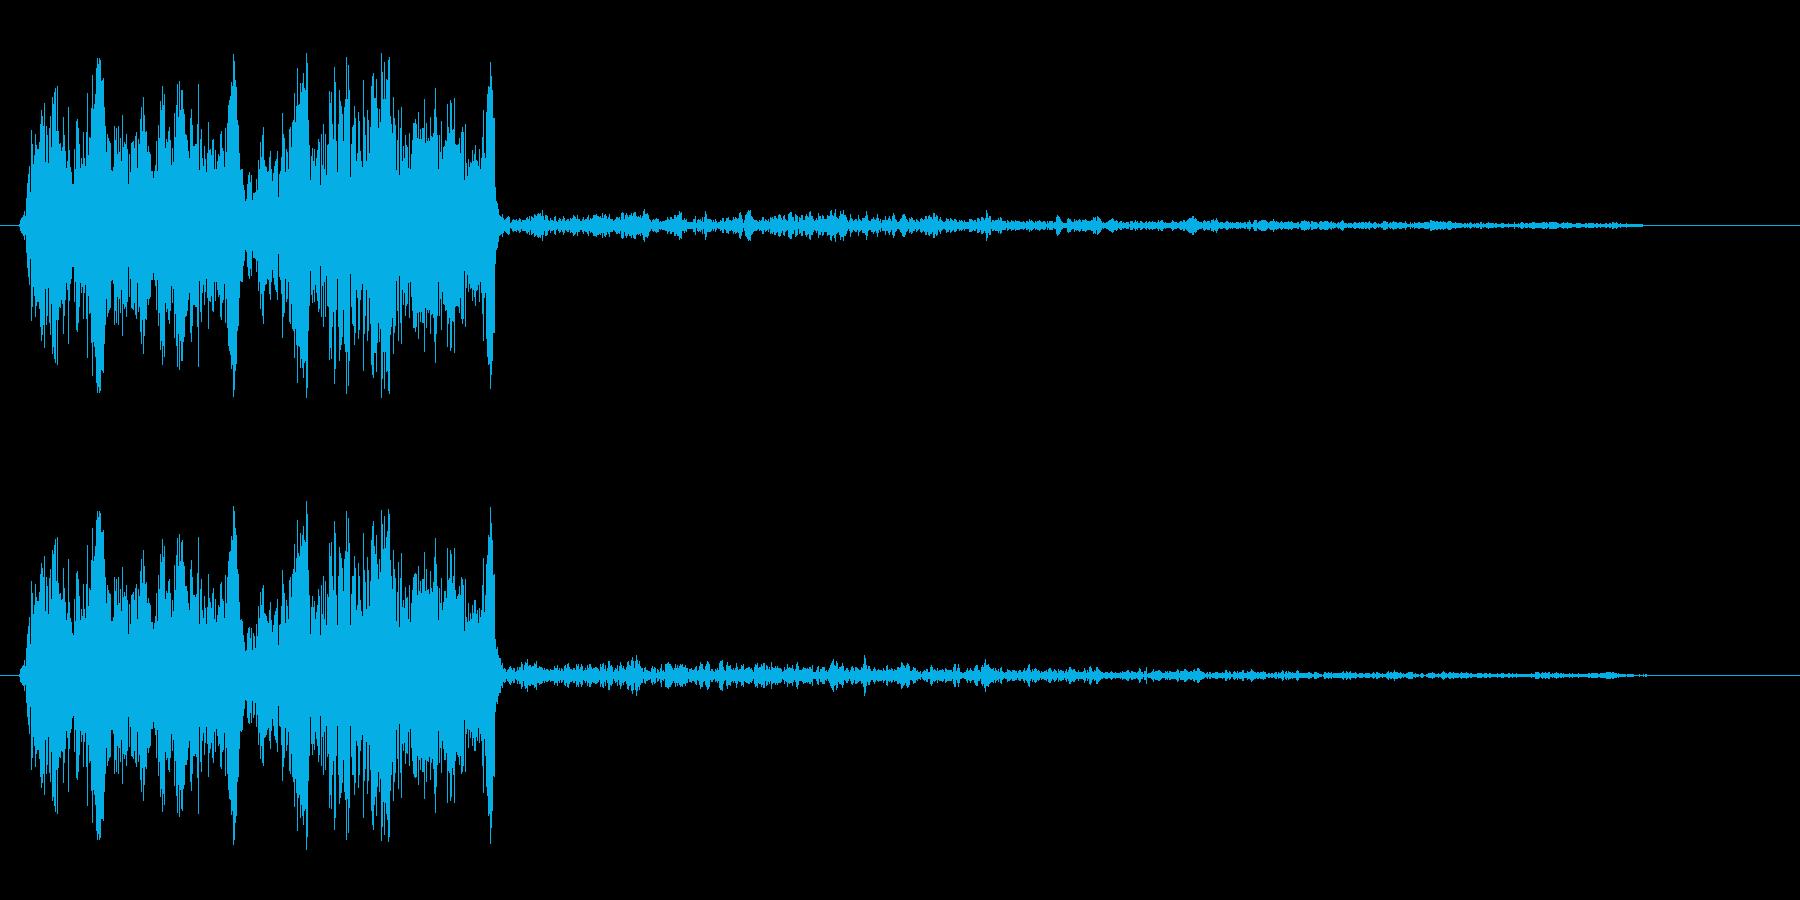 キュウッ(車のスリップのような音)の再生済みの波形